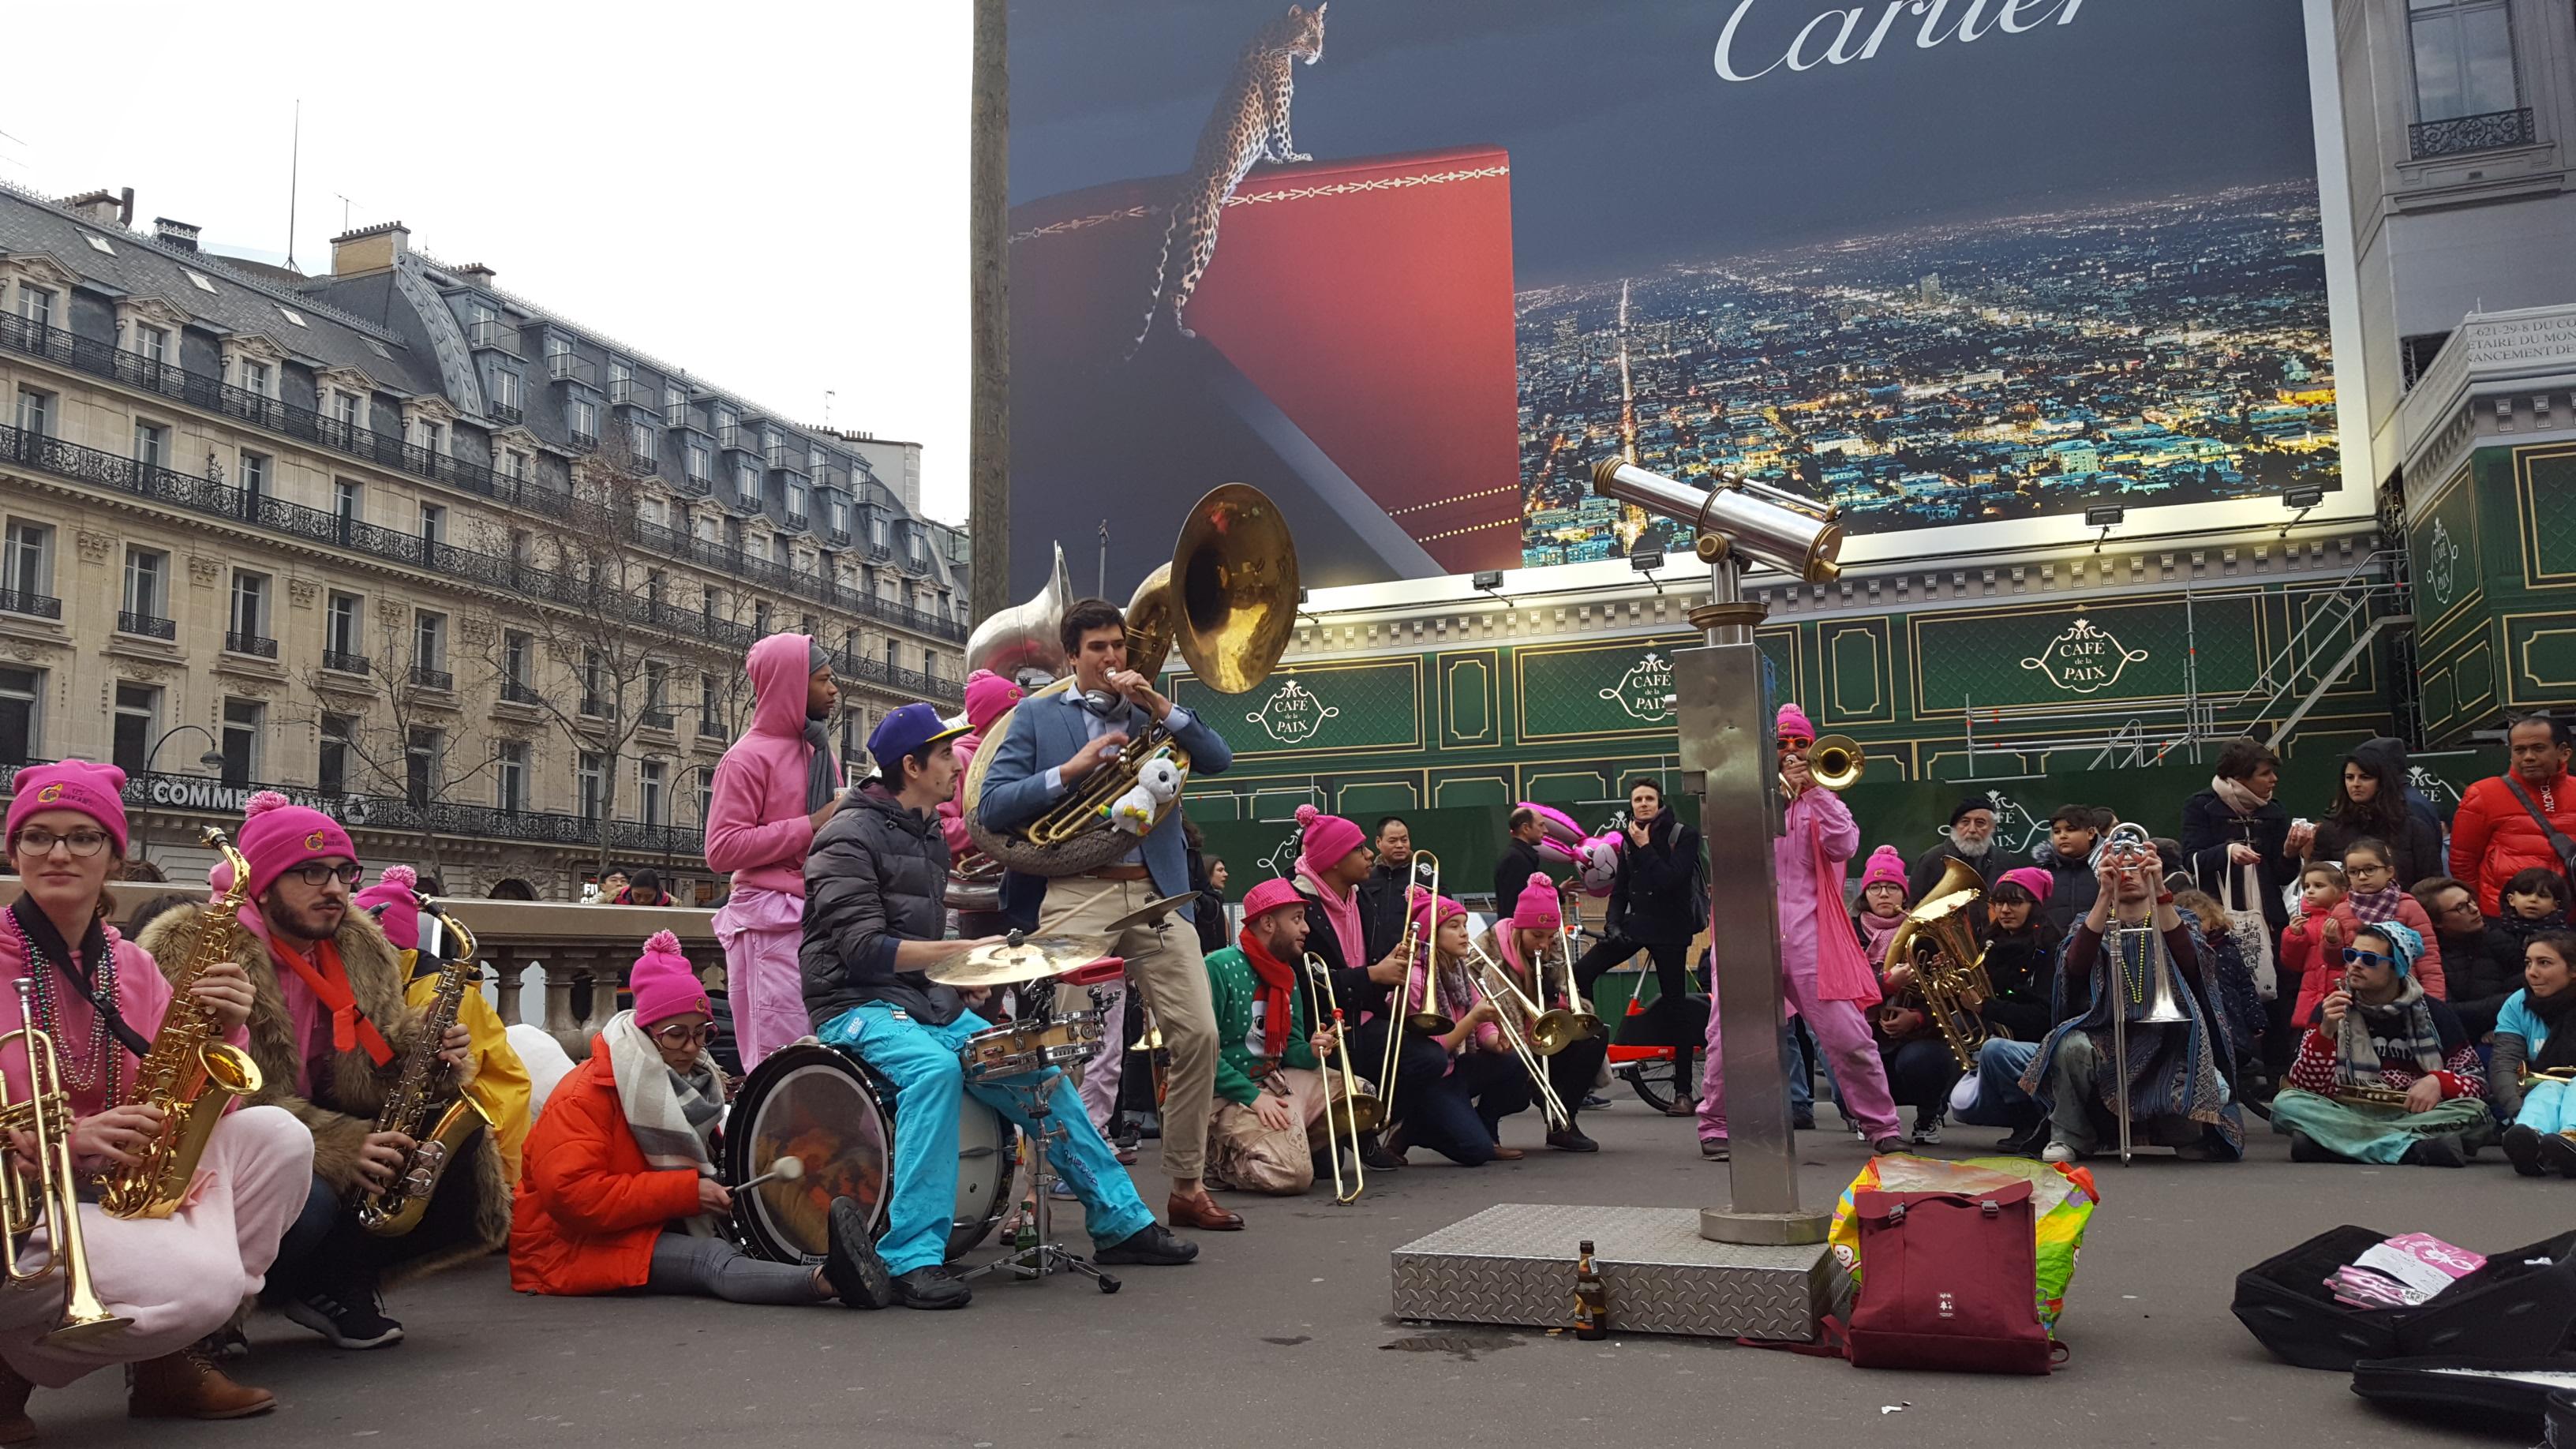 MaKaBés et Moktars ont ainsi joué toute l'après-midi sur la Place de l'Opéra.